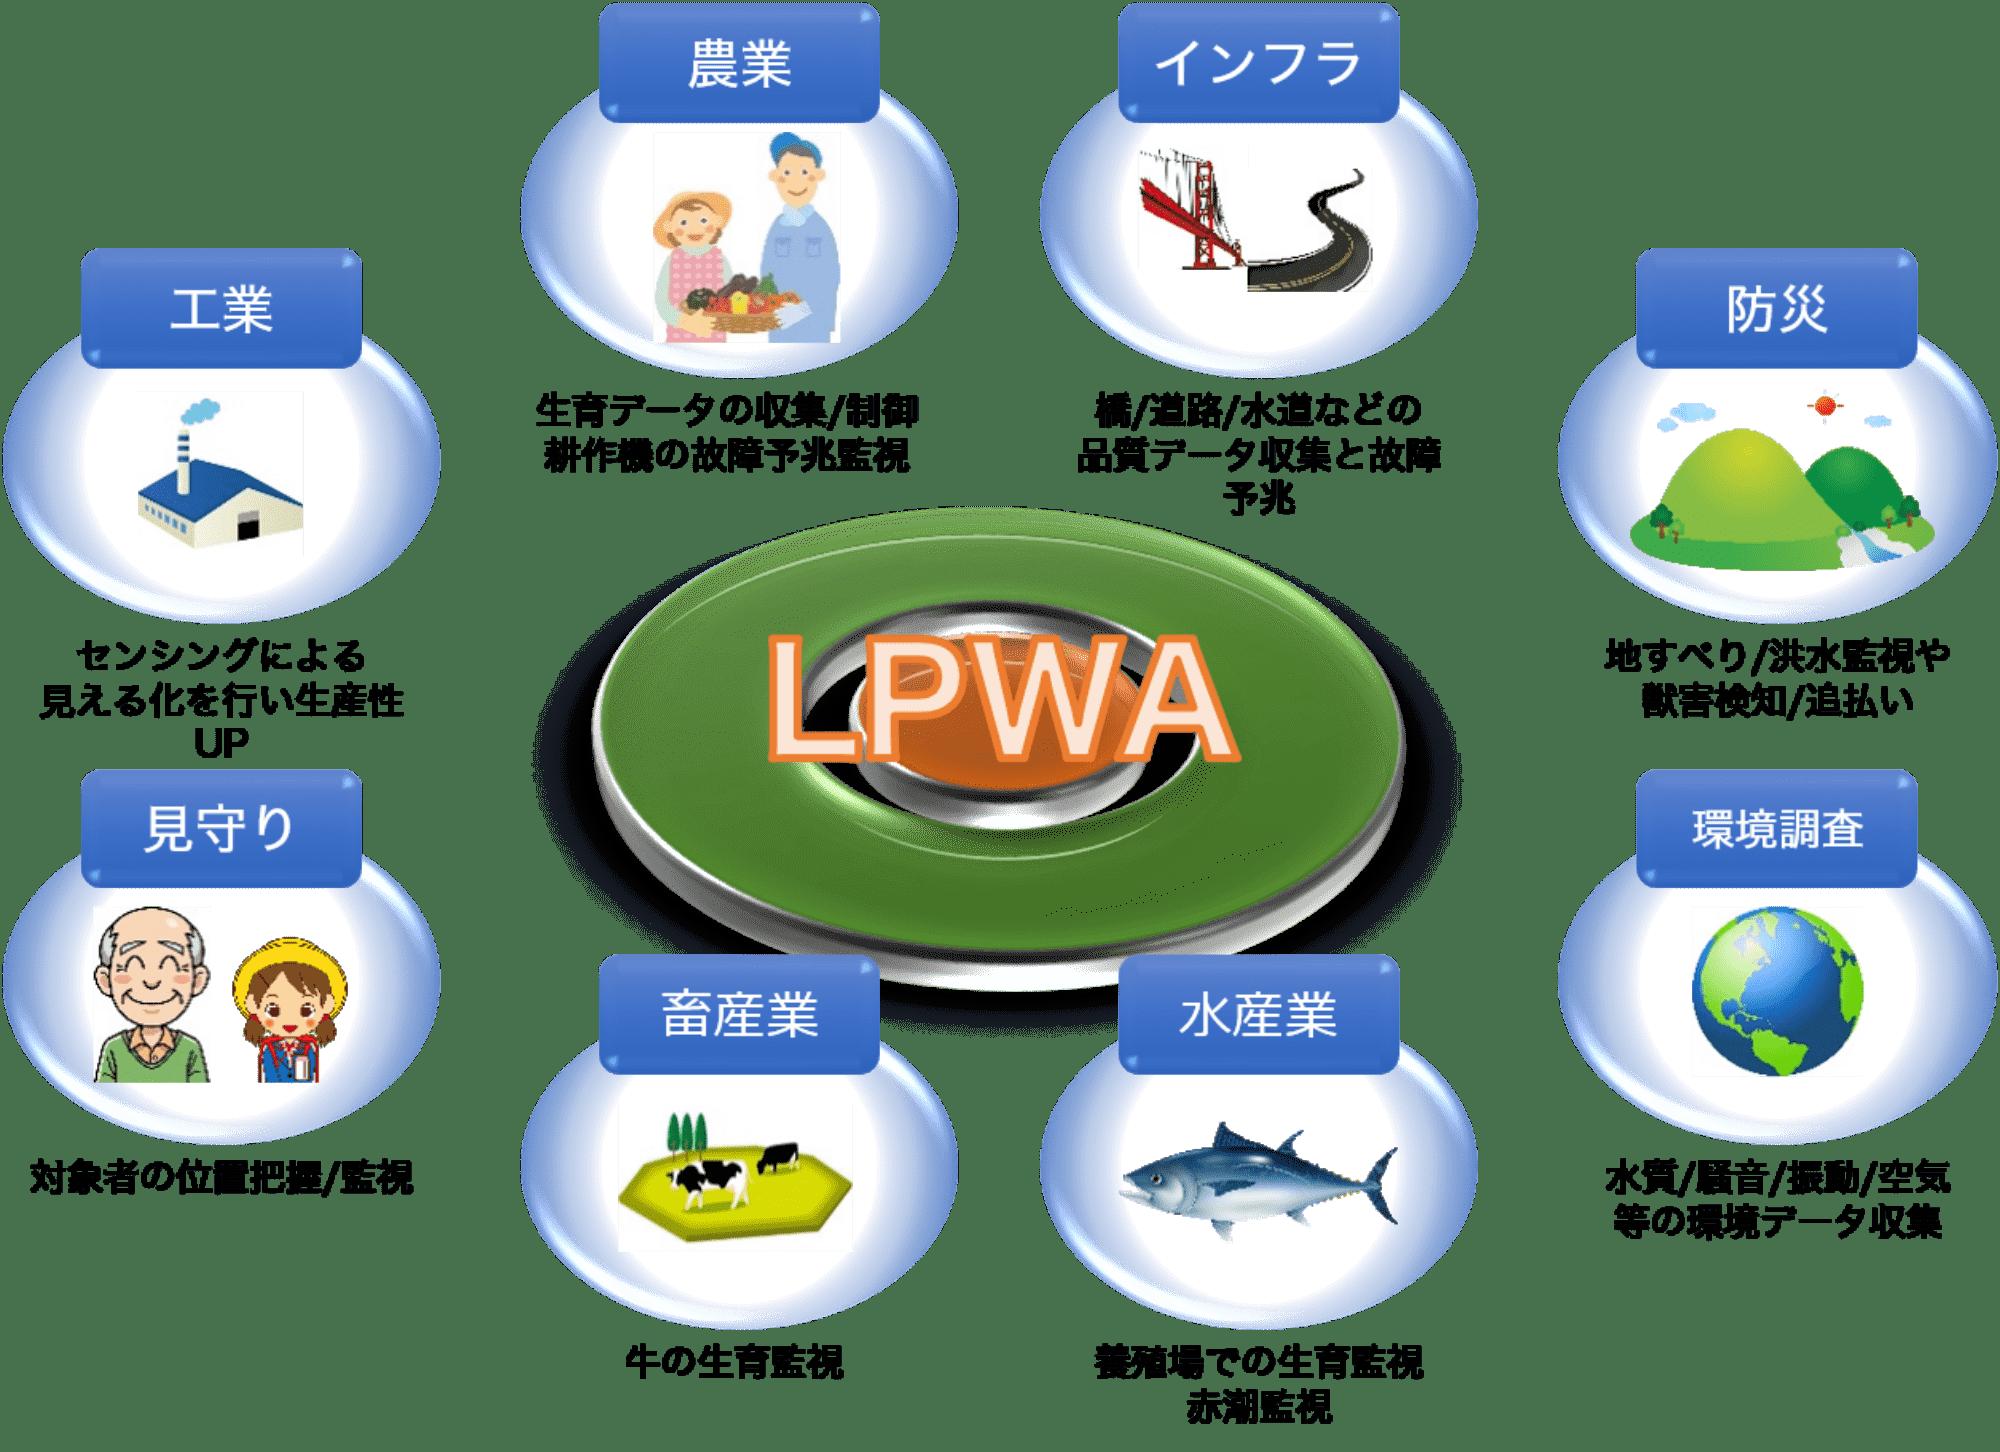 様々な場面でLPWAが活用されている